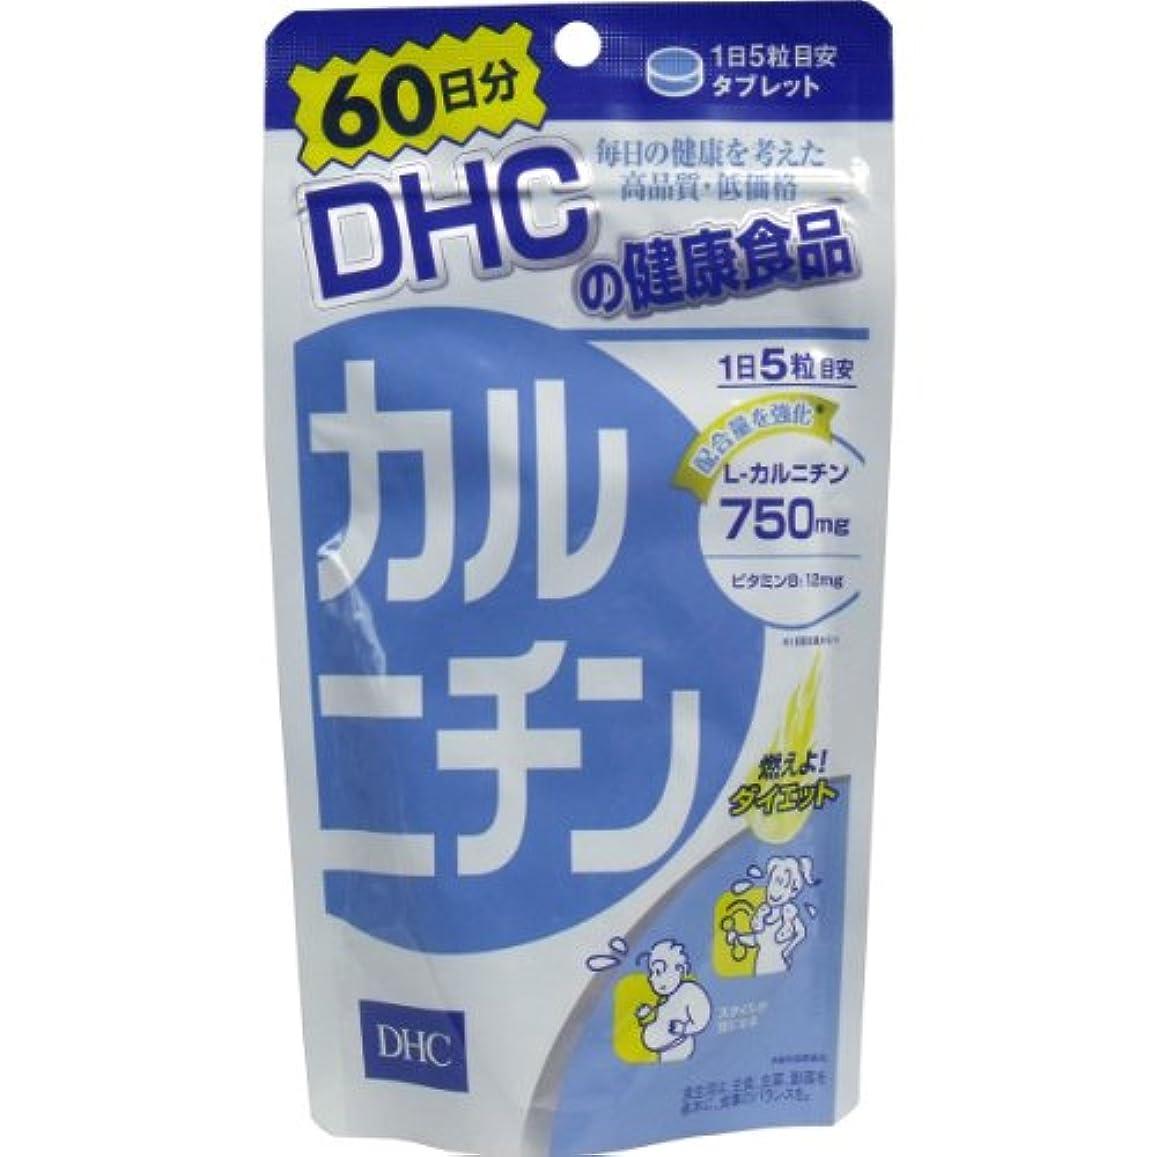 発動機簡単な気を散らすDHC カルニチン 300粒入 60日分